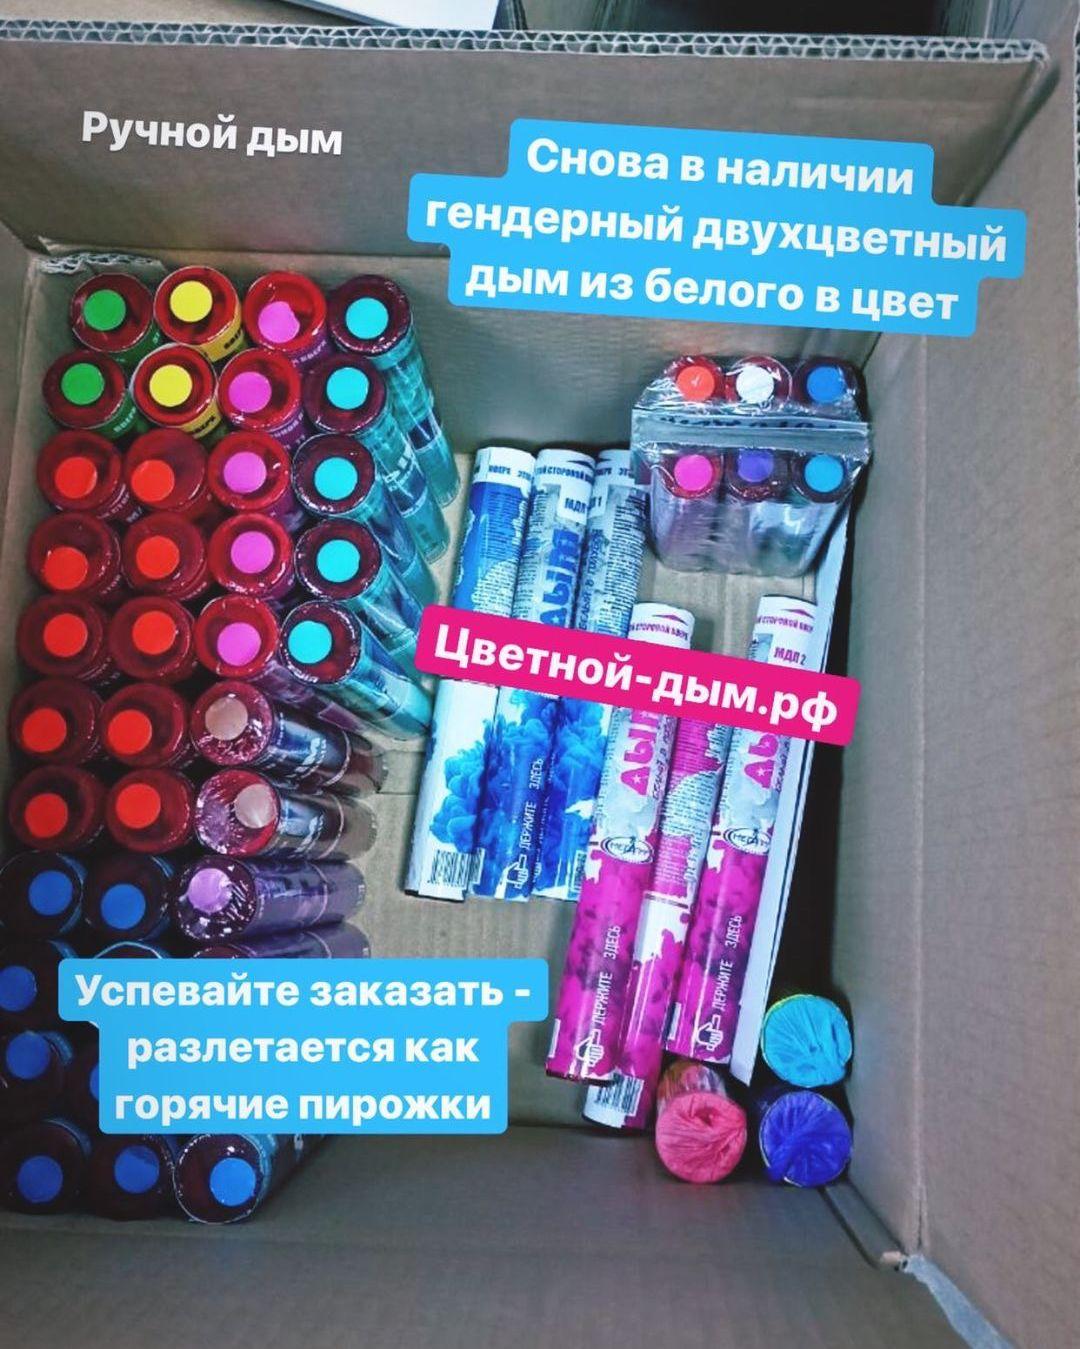 Двухцветный дым - оптовая отправка - Цветной-дым.рф отзывы